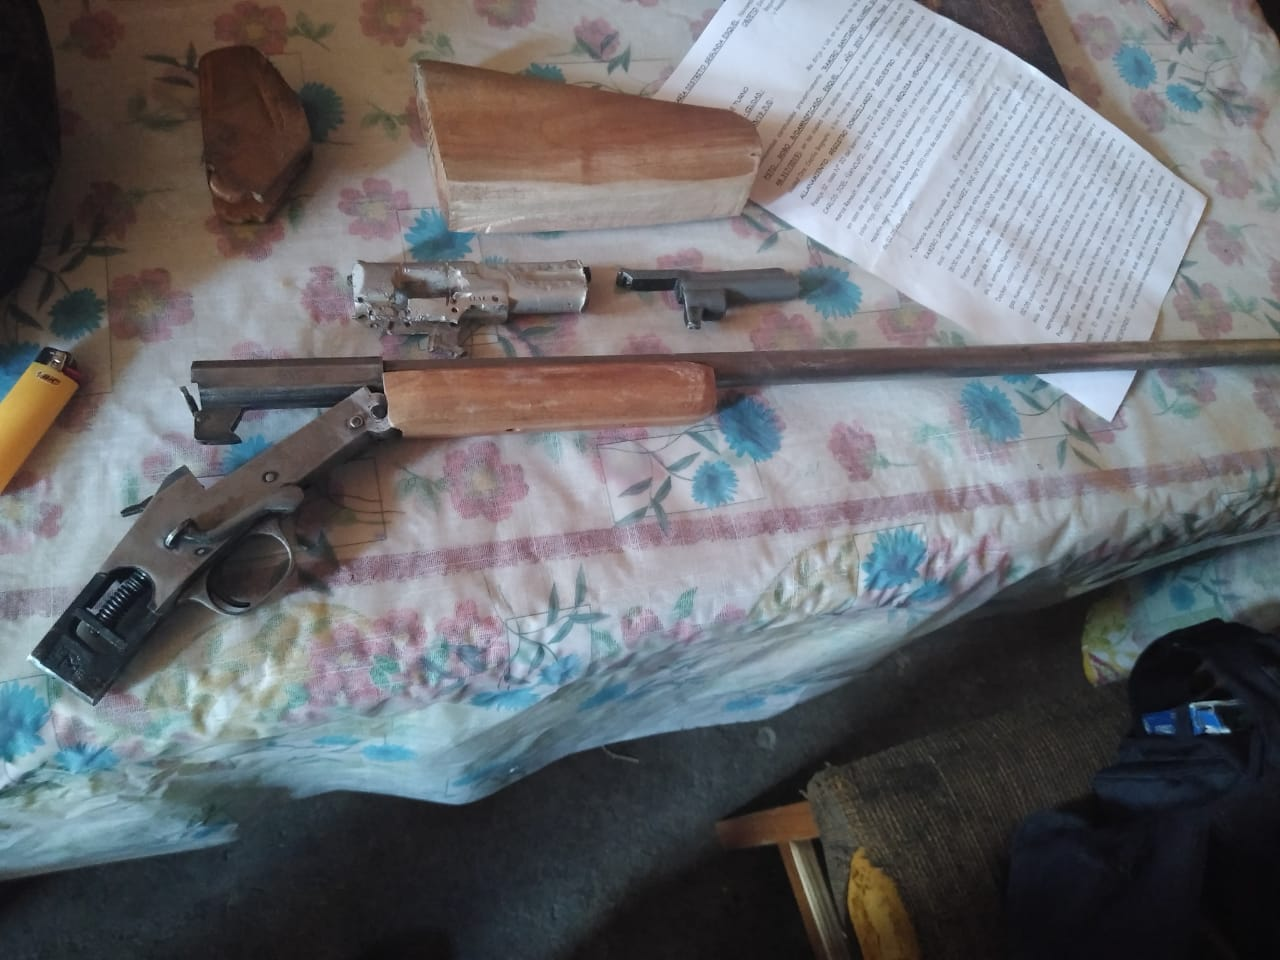 Secuestraron un arma en allanamiento por robo en Esquel